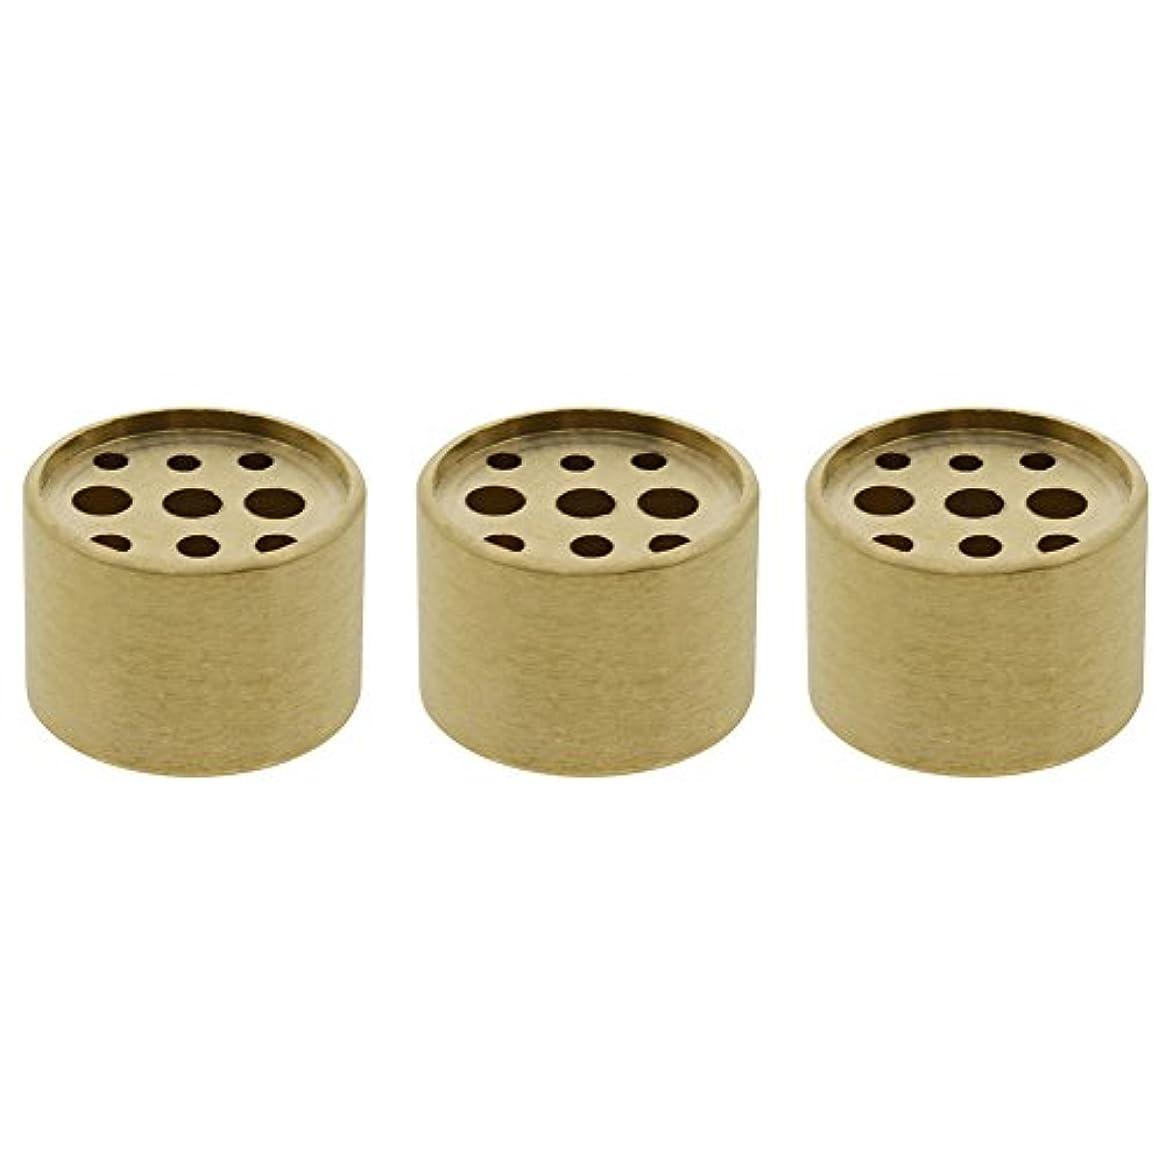 感じ受け入れた単調なSaim 3個Fine銅円柱形状Incenseホルダー9穴真鍮LotusスティックBurner for Incense